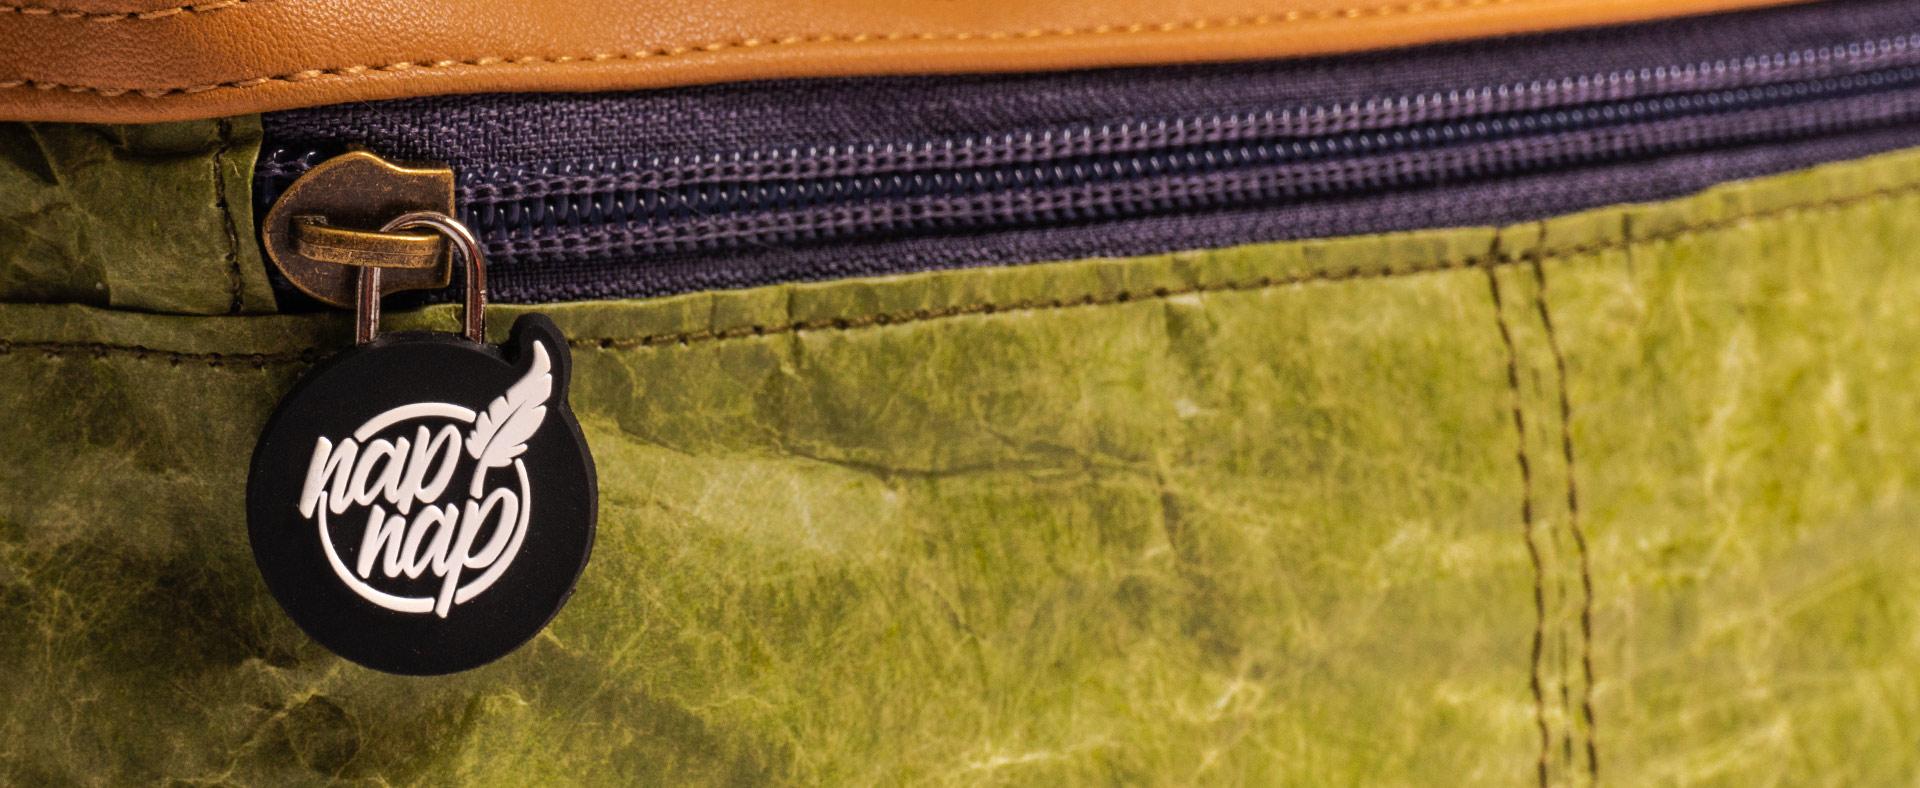 Torby i plecaki z Tyveku, portfele i portmonetki Napnap